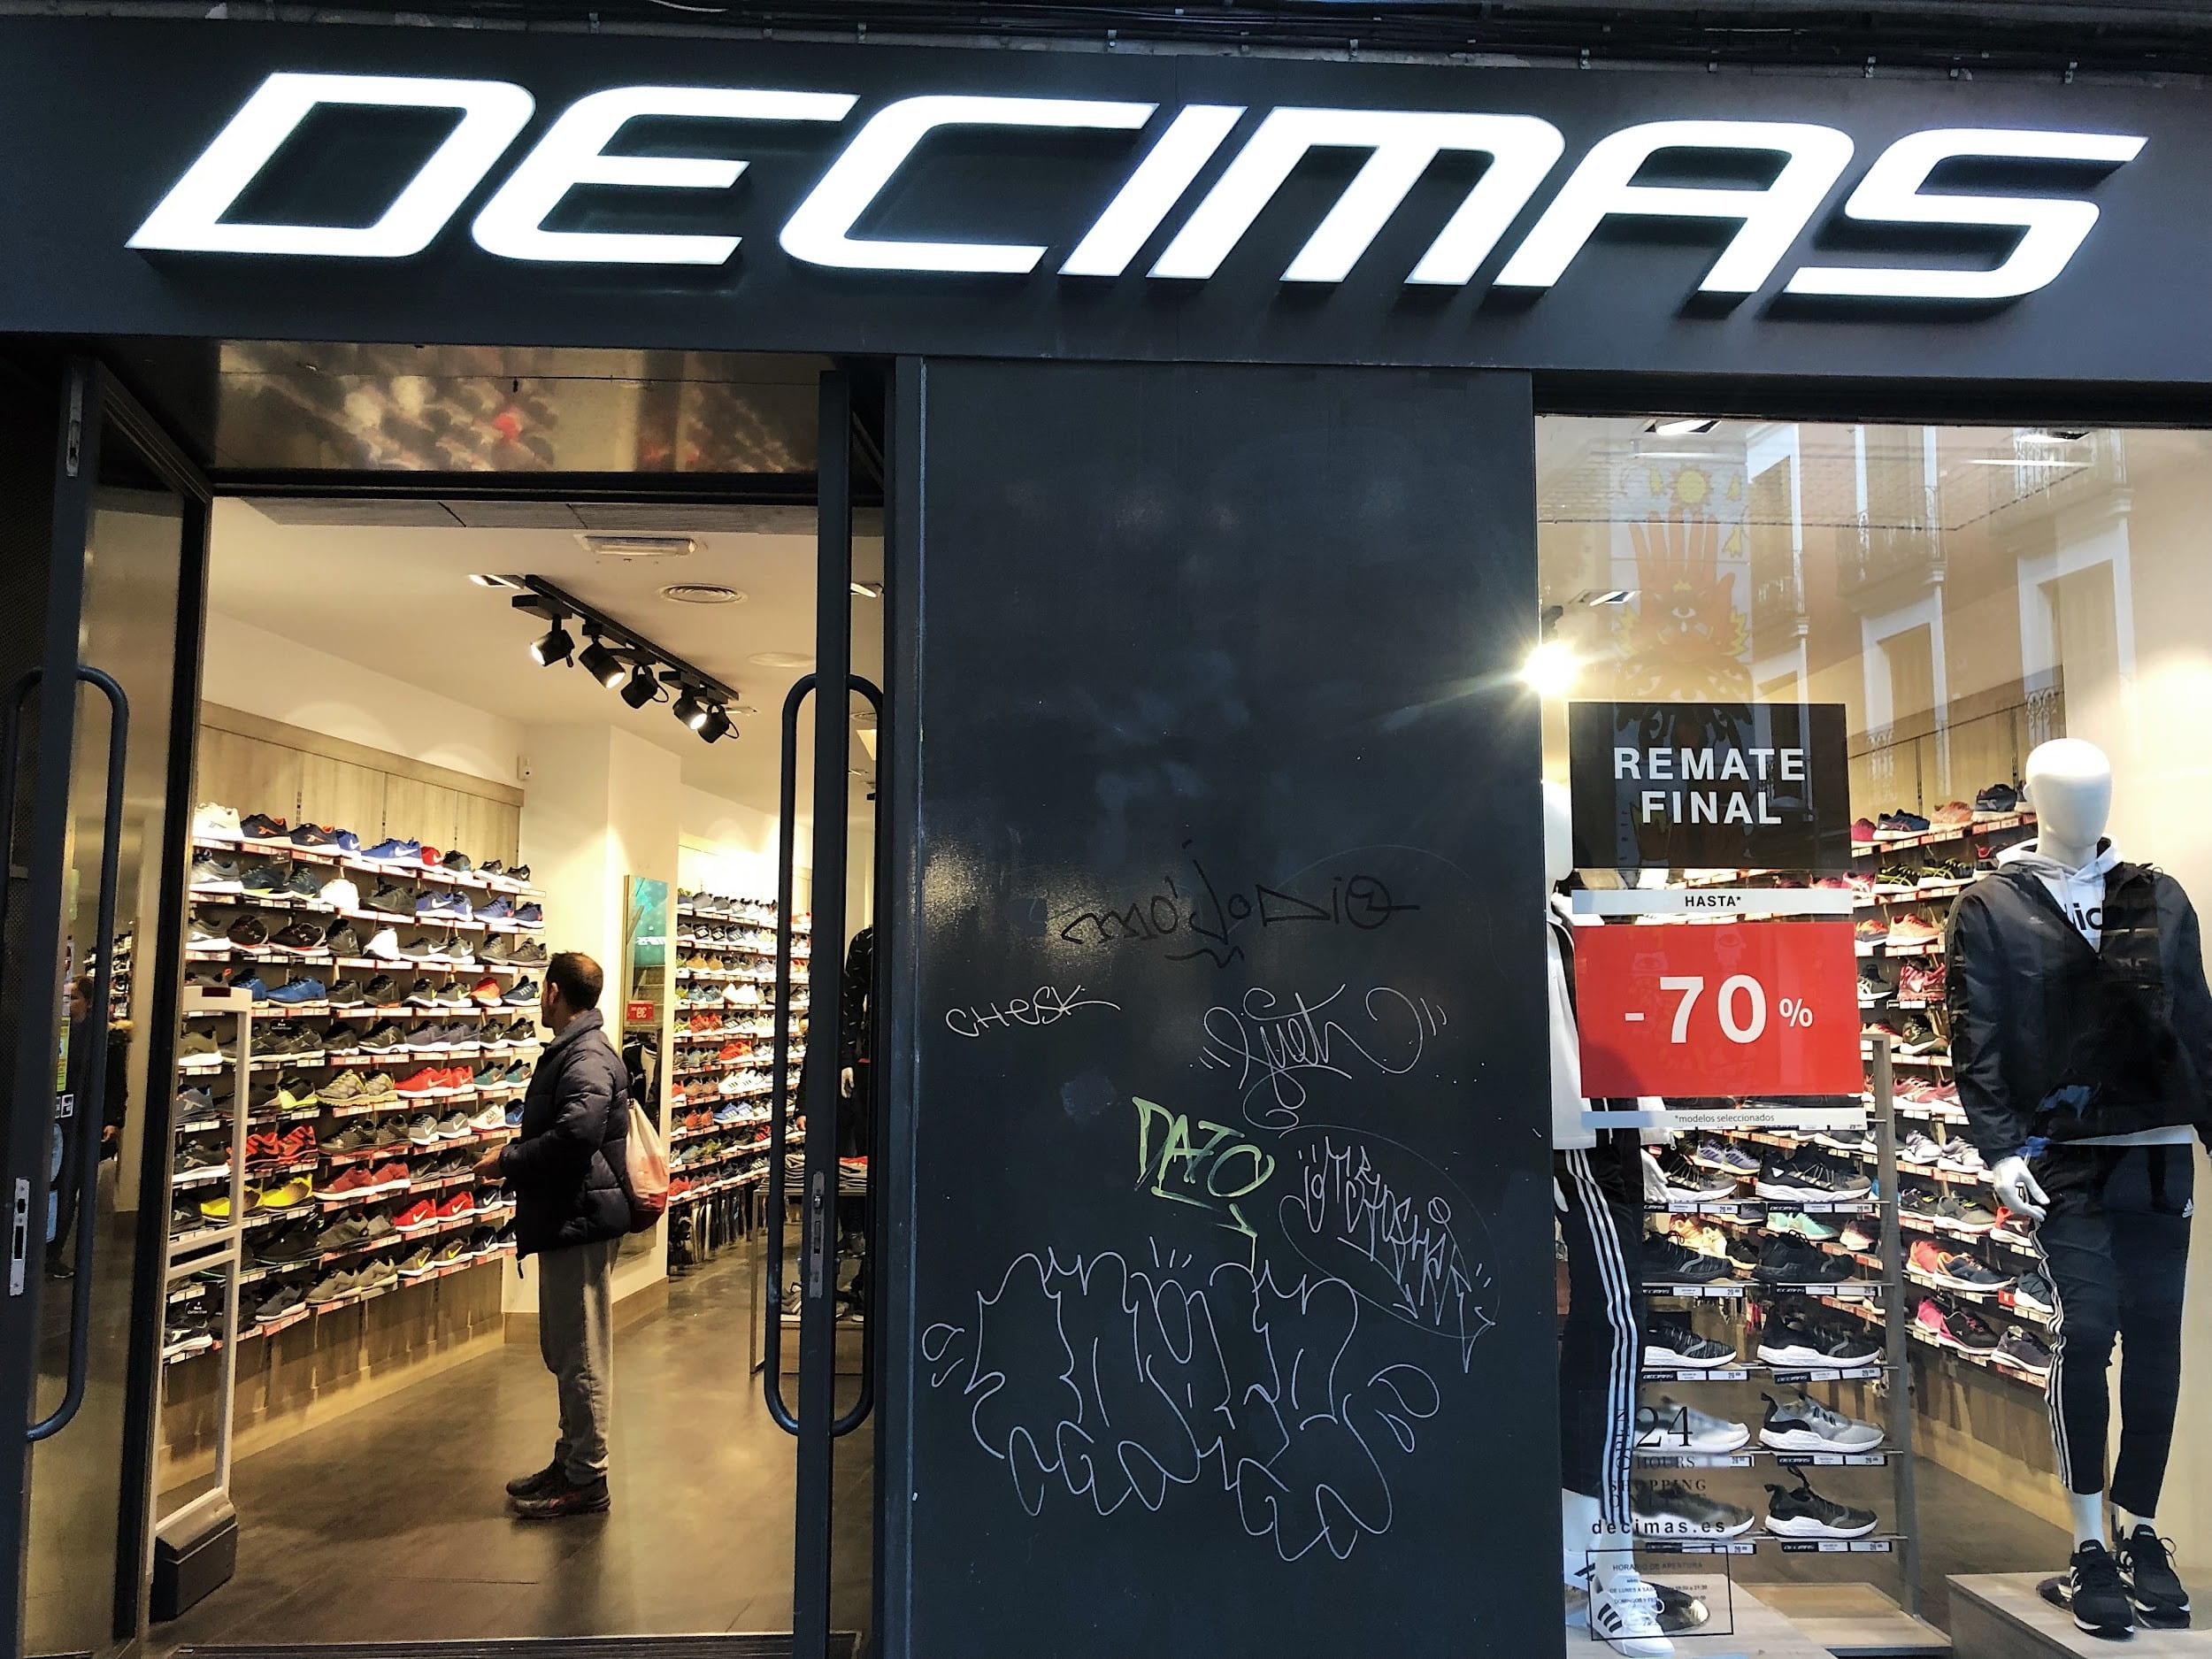 Decimas shoestore storefront